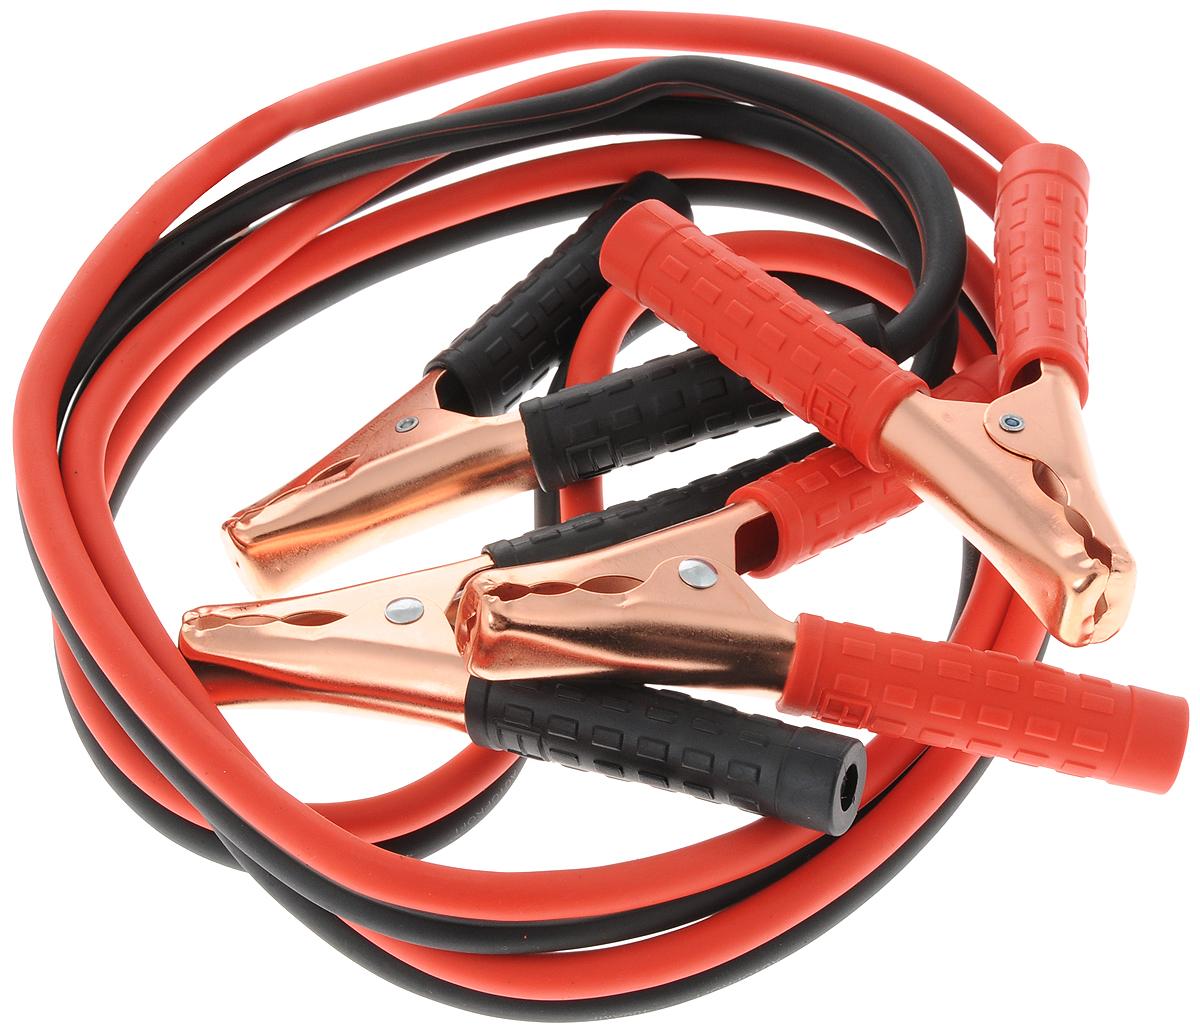 Провода прикуривания Autoprofi Аллигатор, алюминиевые, морозостойкие, 400 А, 2,5 мO00000961Провода прикуривания Autoprofi Аллигатор обладают длиной 2,5 метра и пропускают ток силой до 400 ампер. Это позволяет использовать их для запуска большинства автомобилей, в том числе оснащенных бензиновыми двигателями объемом свыше 5 литров или дизельными - объемом свыше 4,5 литров. Многожильные провода изготовлены из алюминия с медным напылением и покрыты изоляцией из морозостойкого термопласта. Термопласт легко гнется и не теряет свою эластичность до температуры -40°С. Рукоятки зажимов изолированы термопластом, что делает более удобным эксплуатацию проводов прикуривания в сильные морозы.